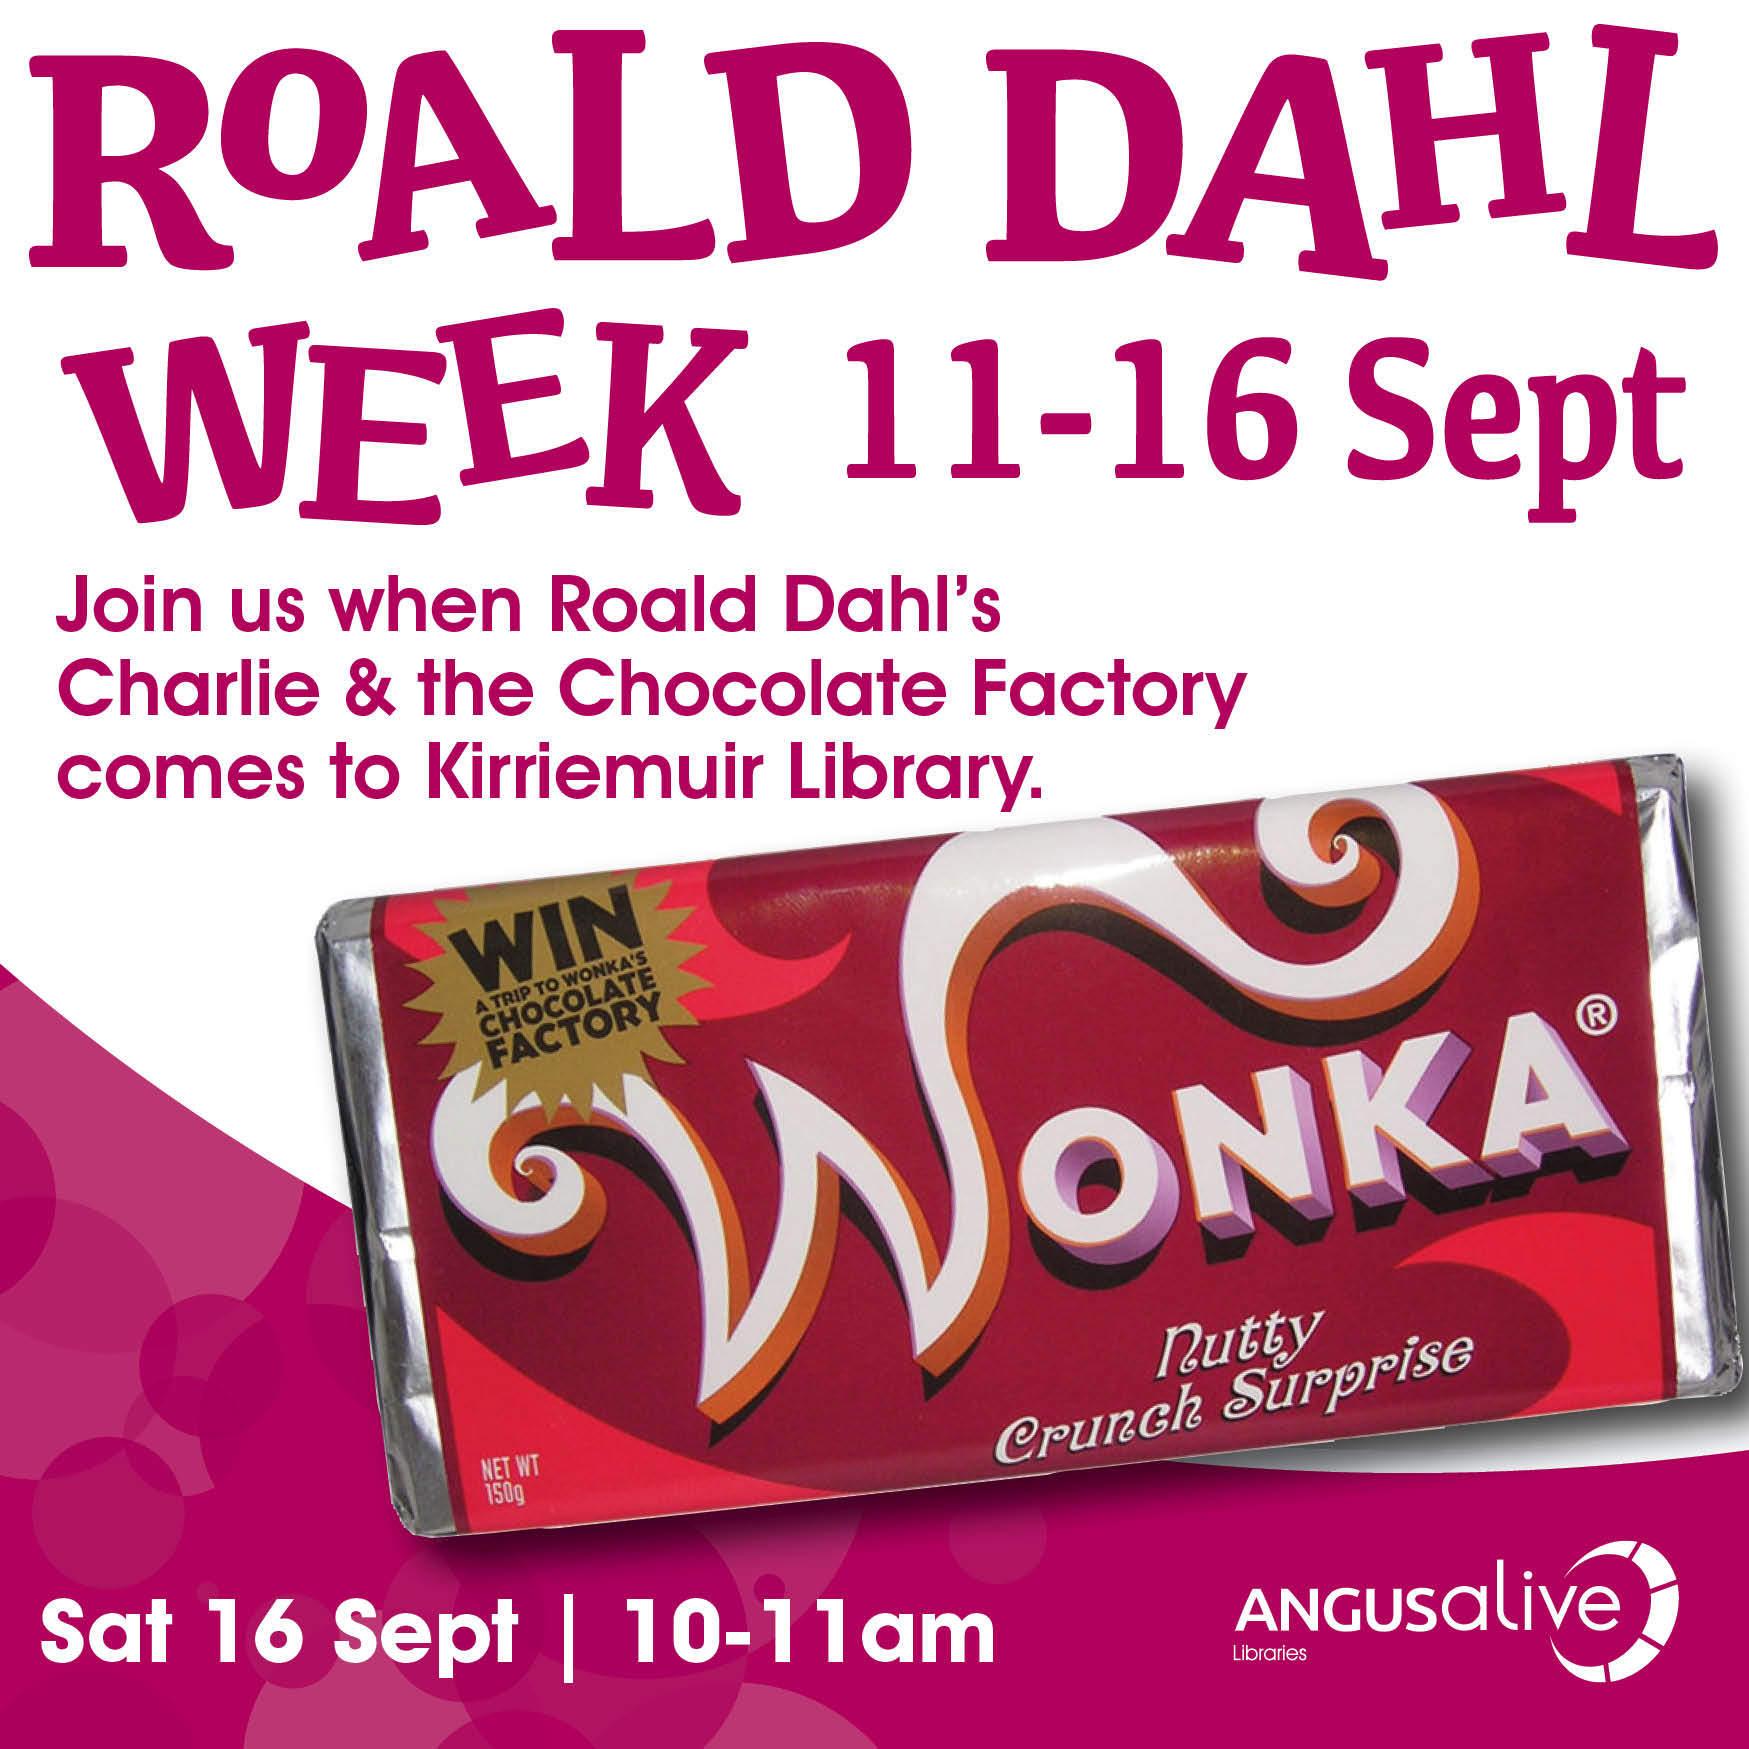 """Roald Dahl Week - Charlie & the Chocolate Factory"""" at Kirriemuir ..."""